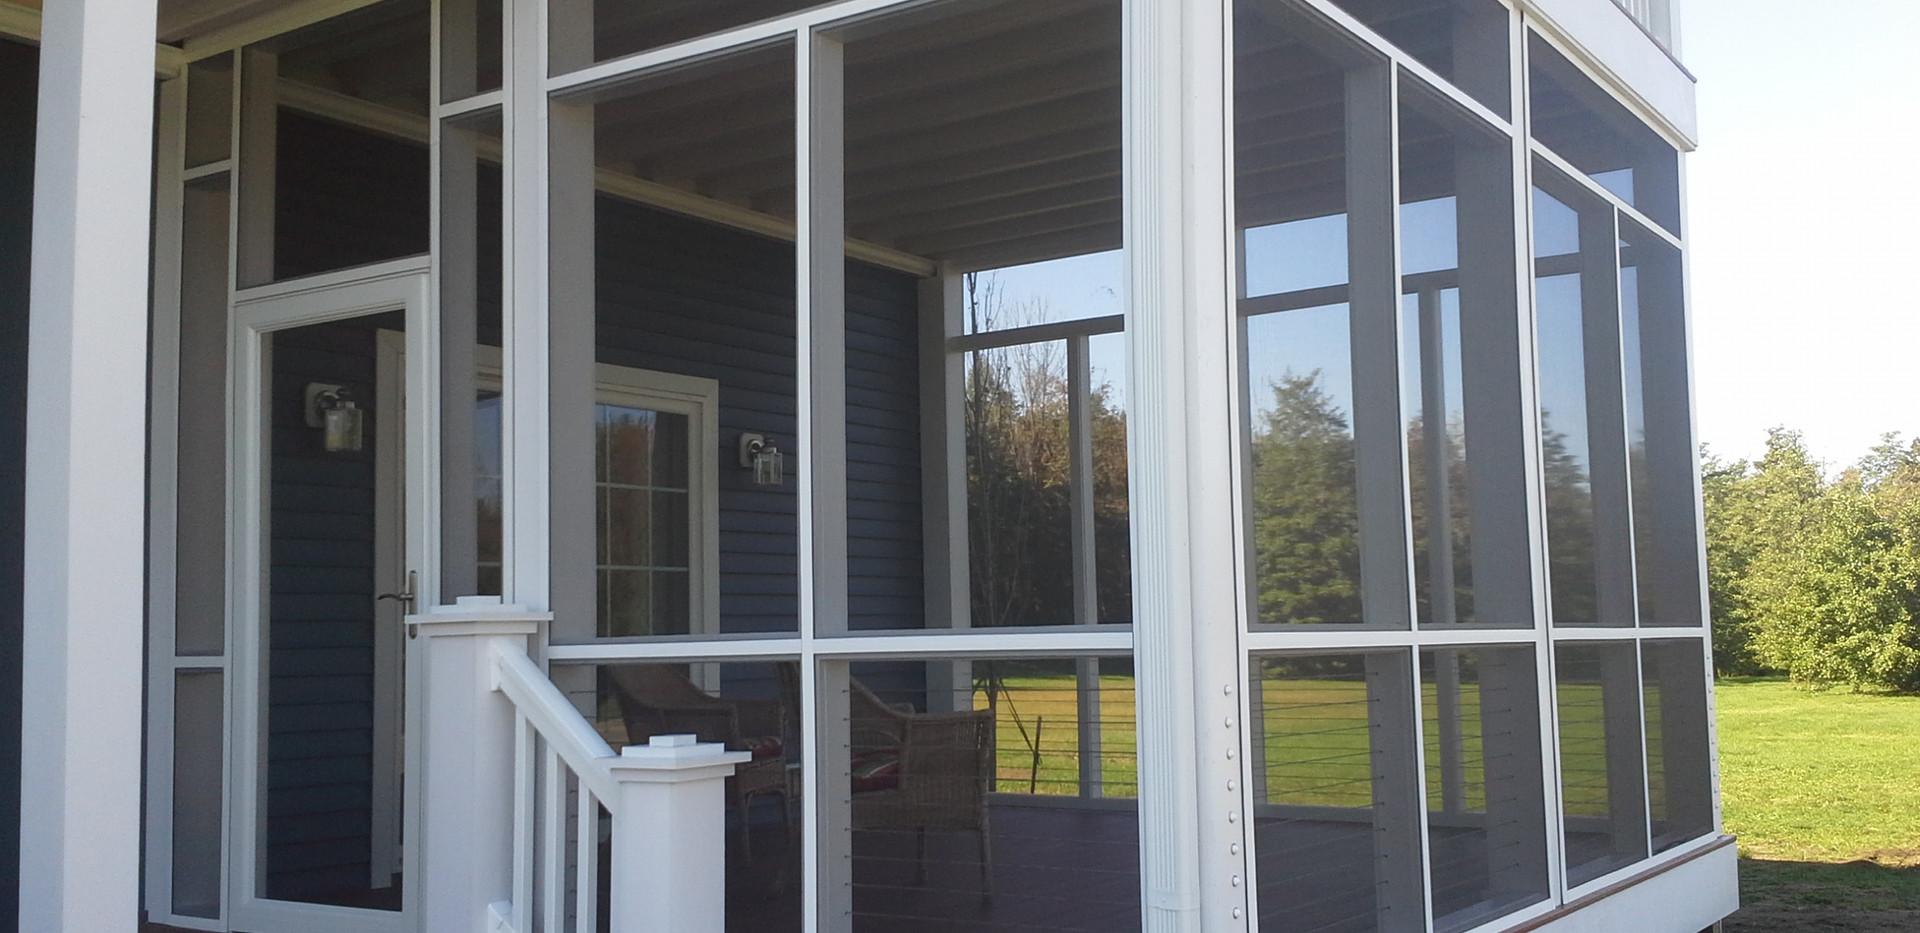 Calahan great porch.jpg